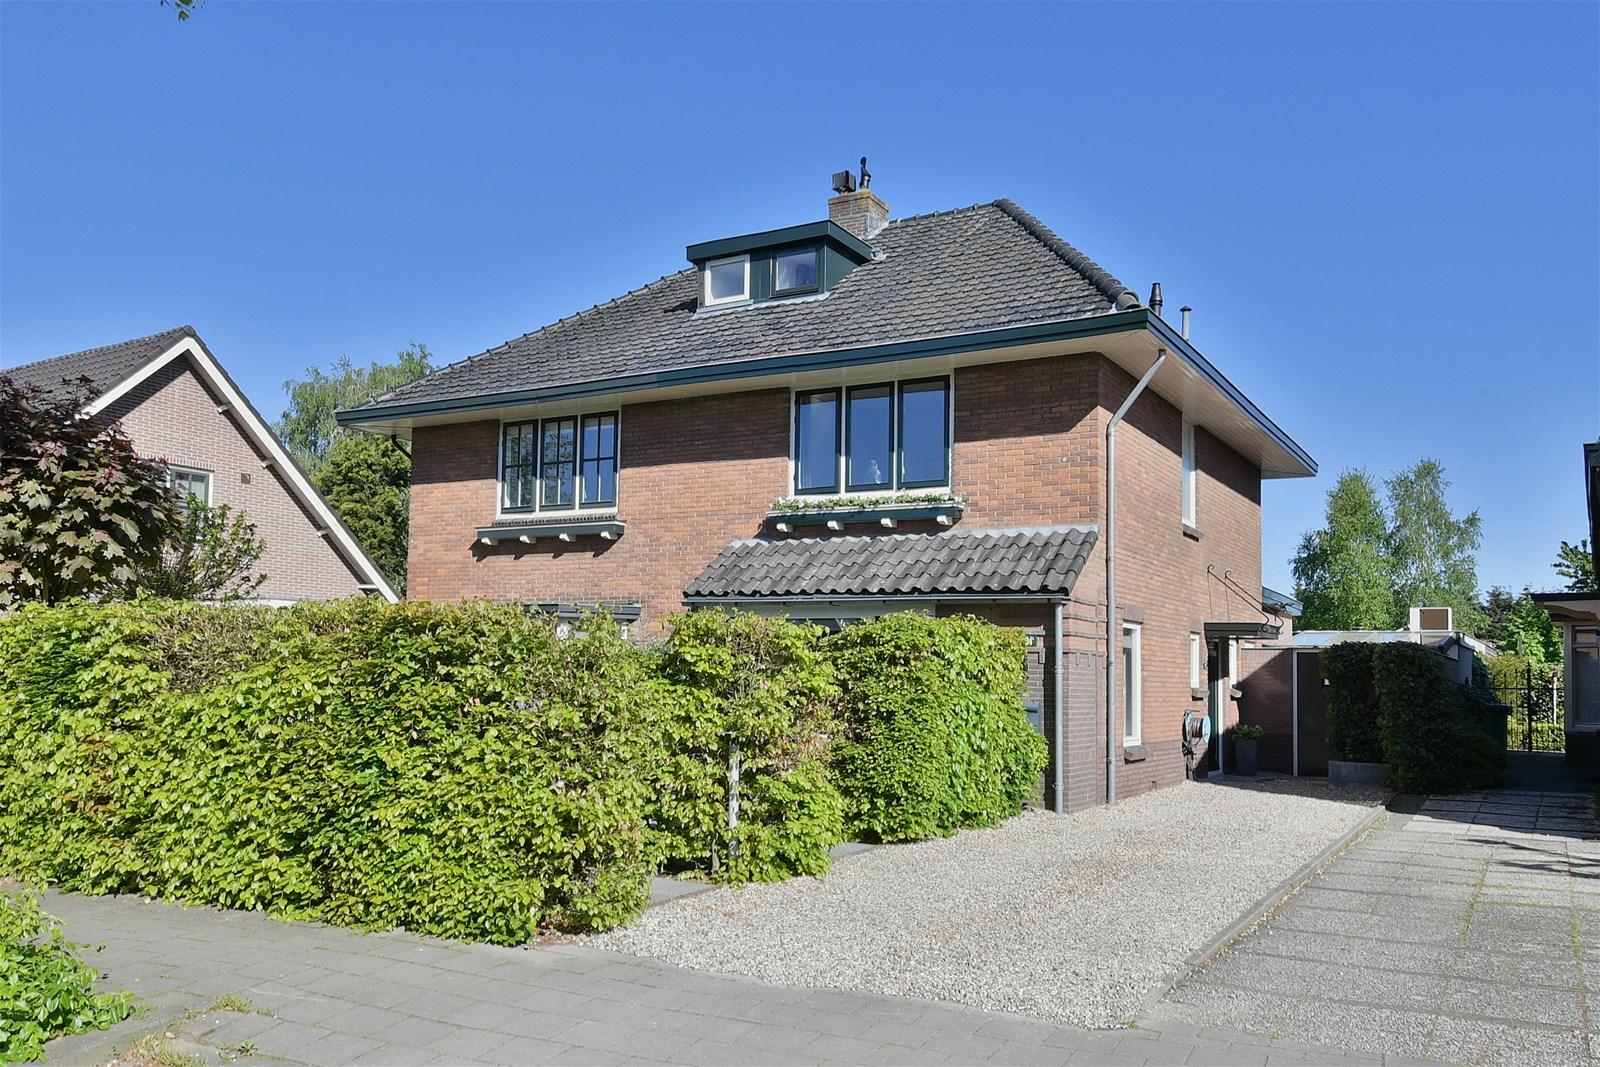 Koninginnelaan 94 a SOEST - Van Gooische Huize Makelaardij o.z.